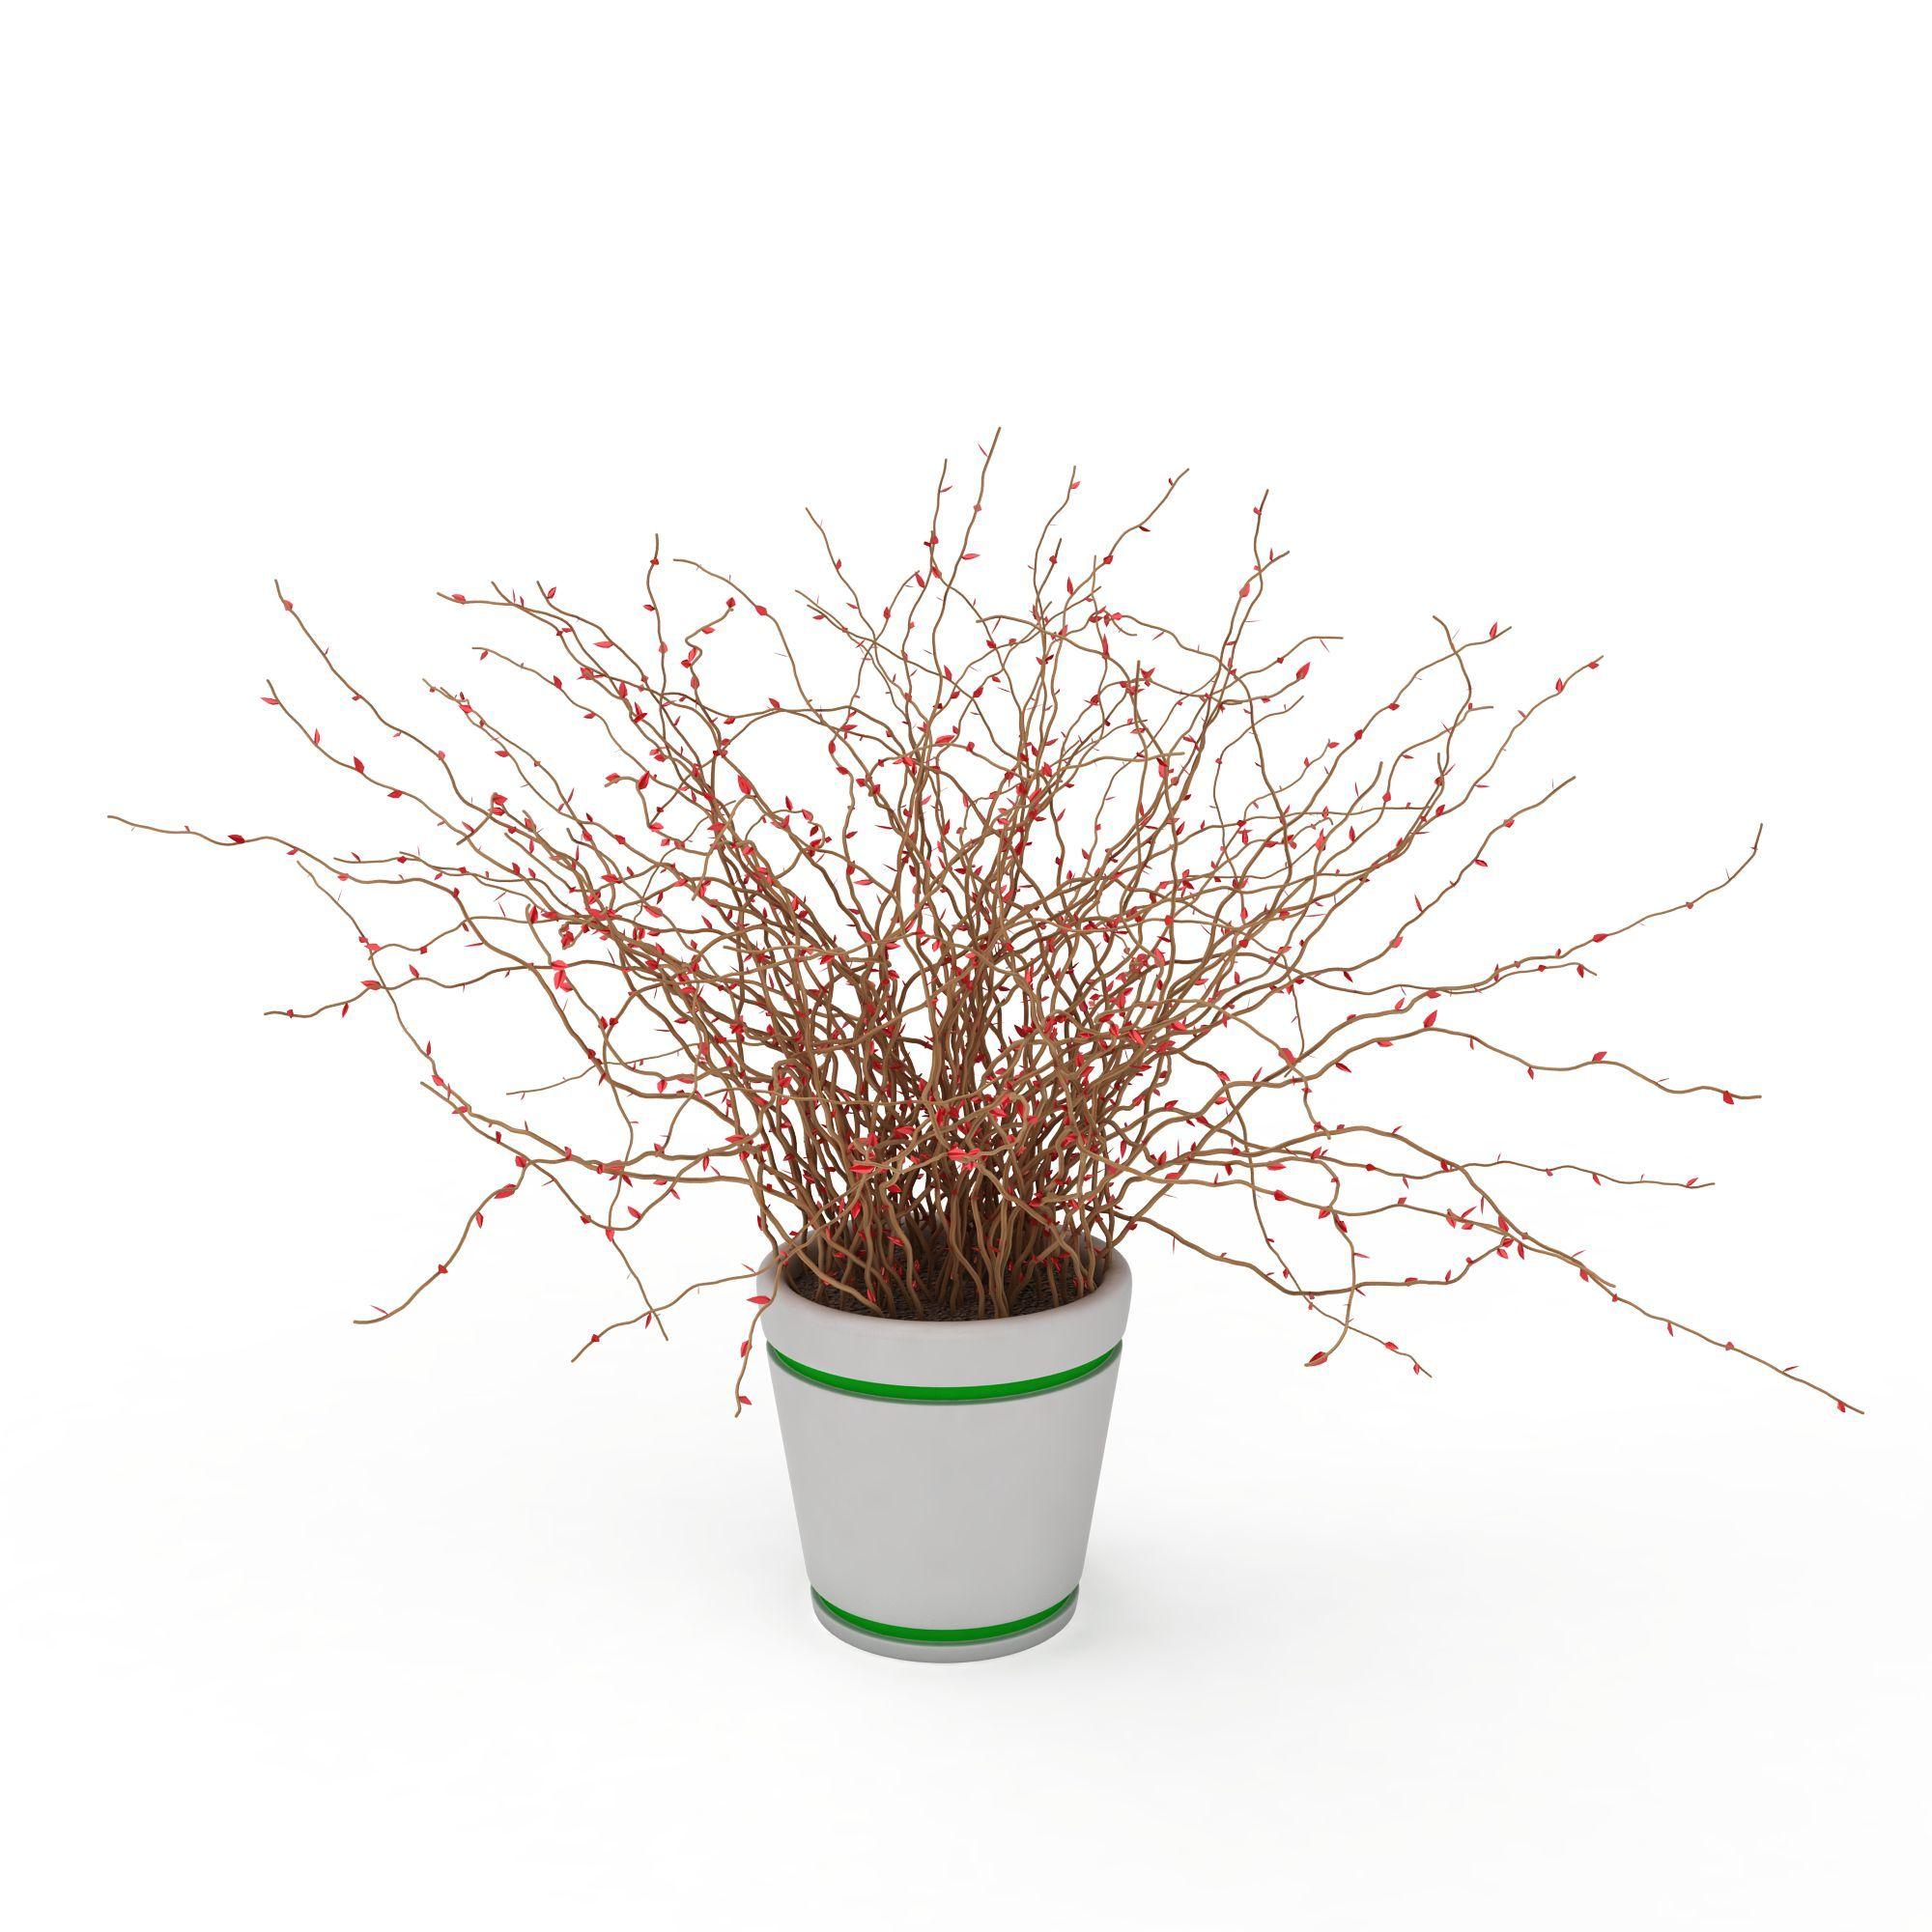 植物 花草 室内装饰盆景3d模型 室内装饰盆景png高清图  室内装饰盆景